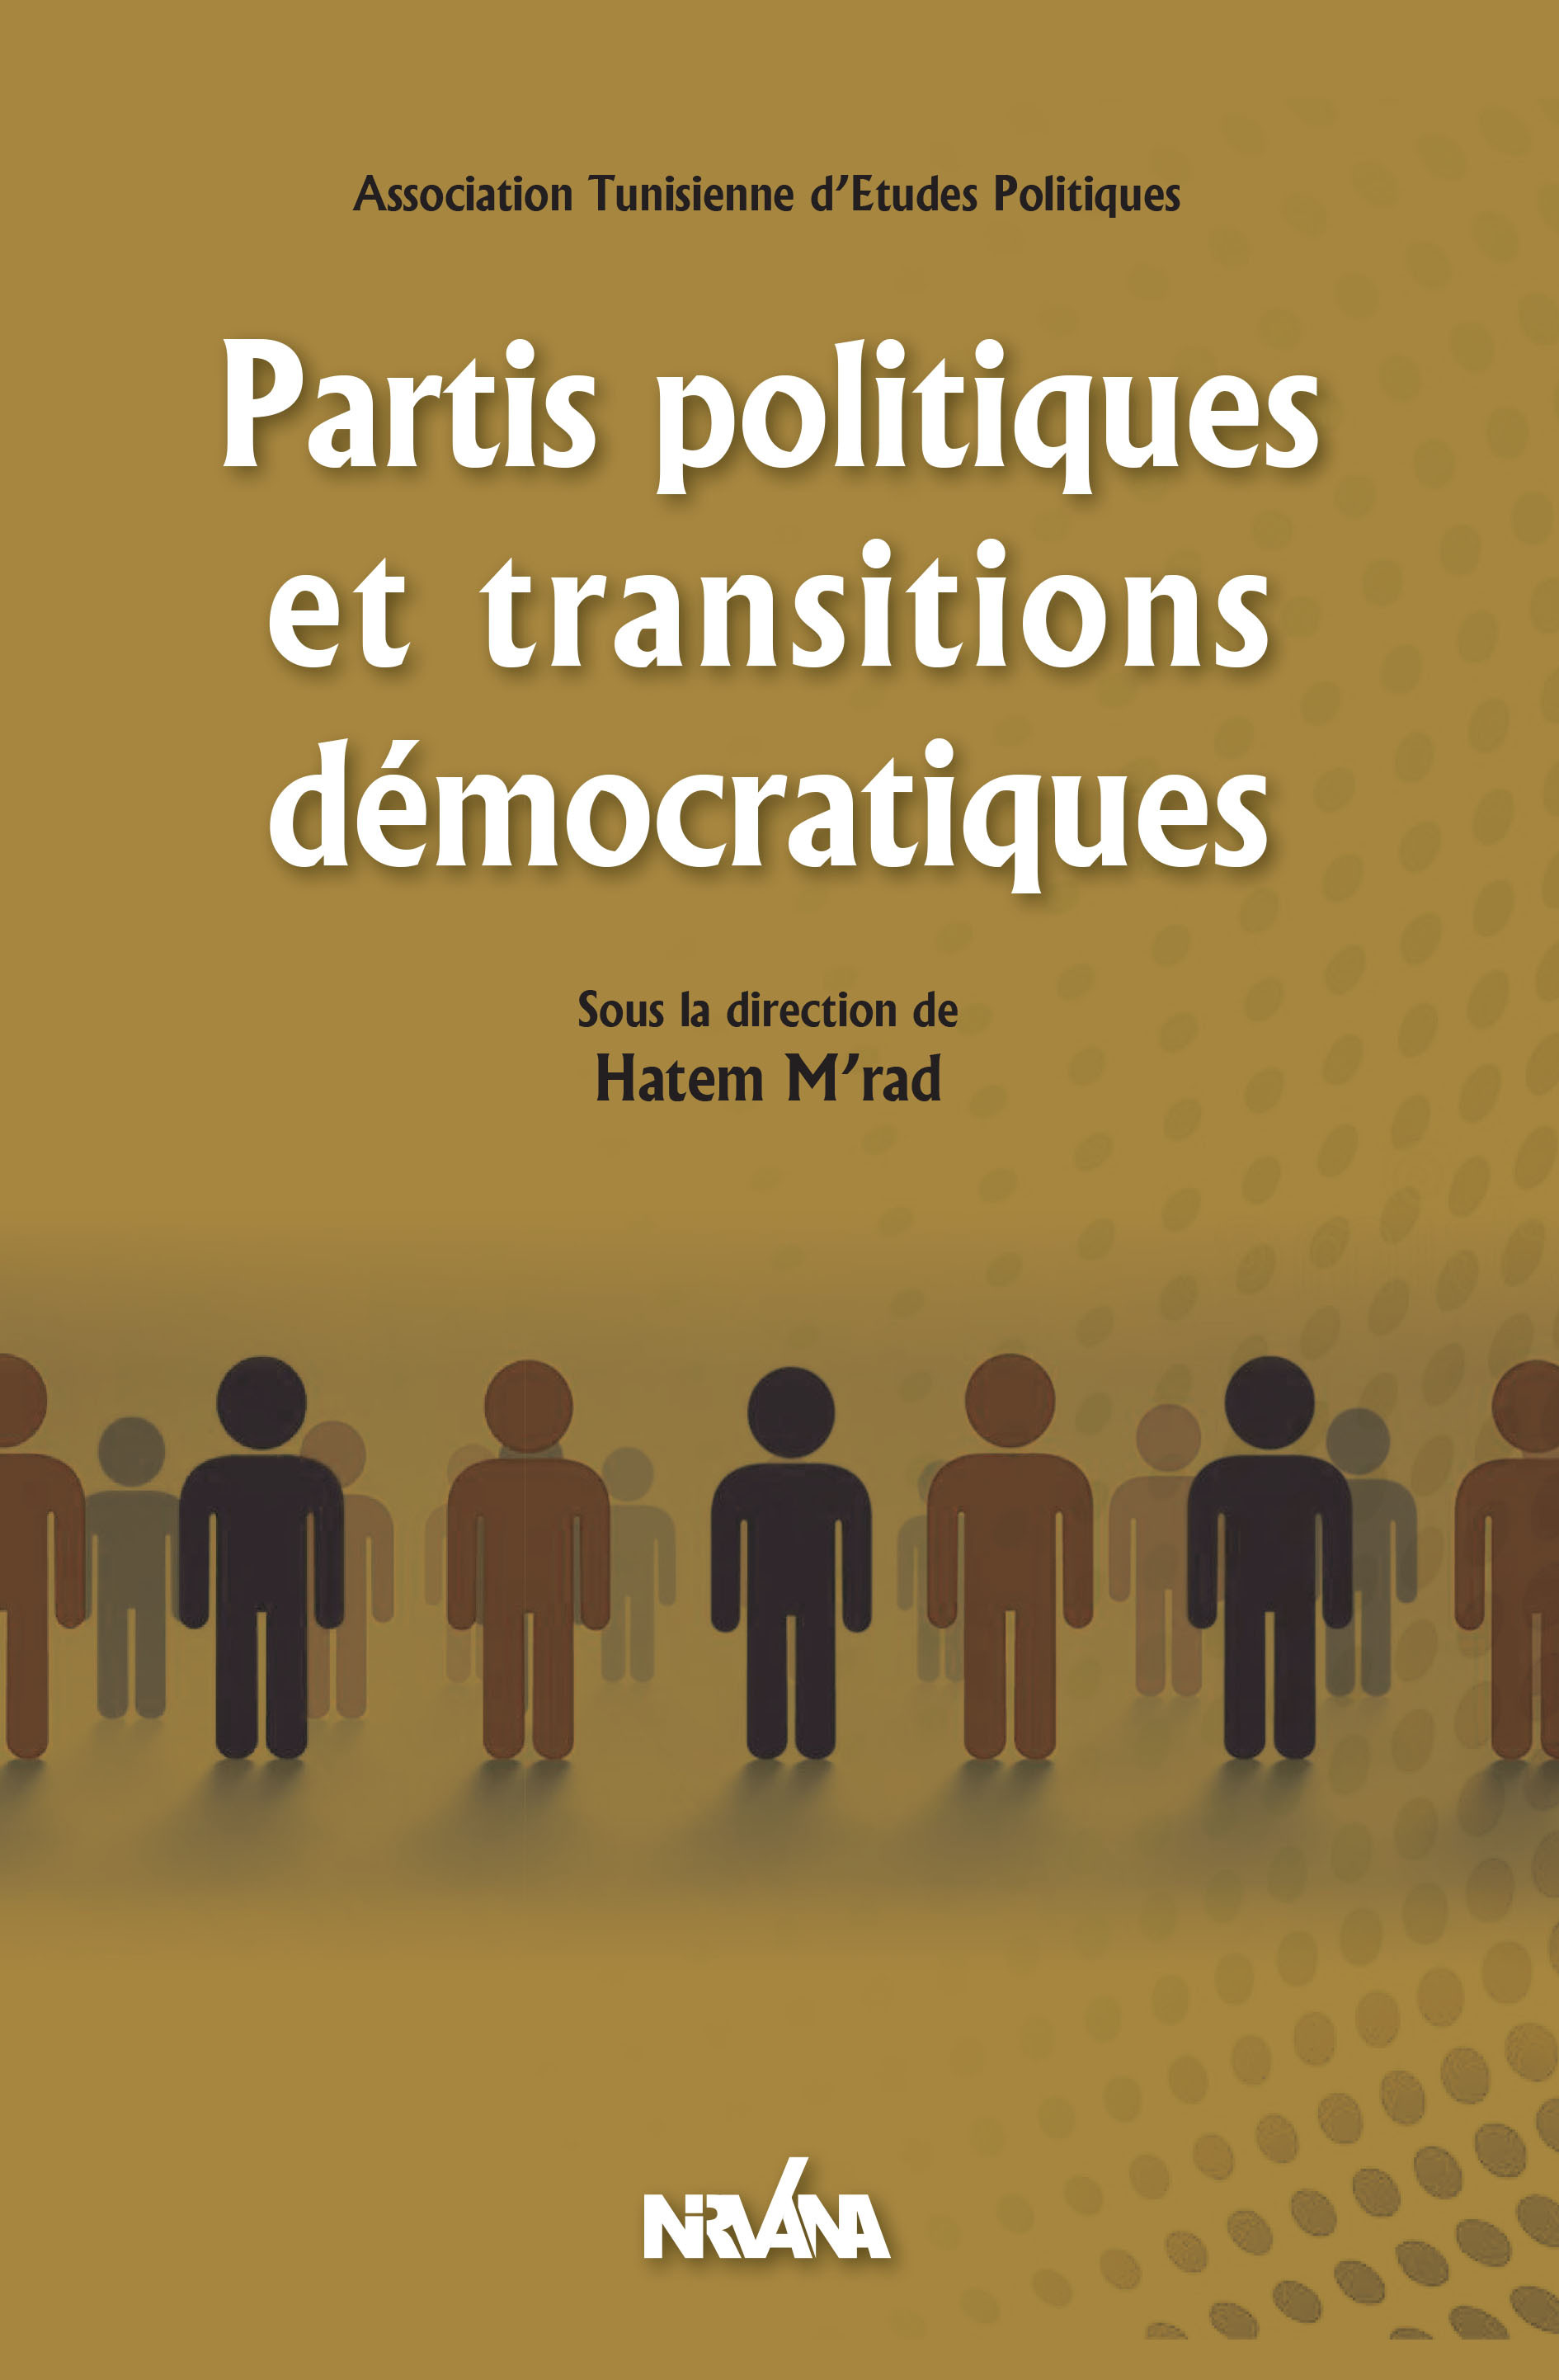 PARTIS POLITIQUES ET TRANSITIONS DEMOCRATIQUES